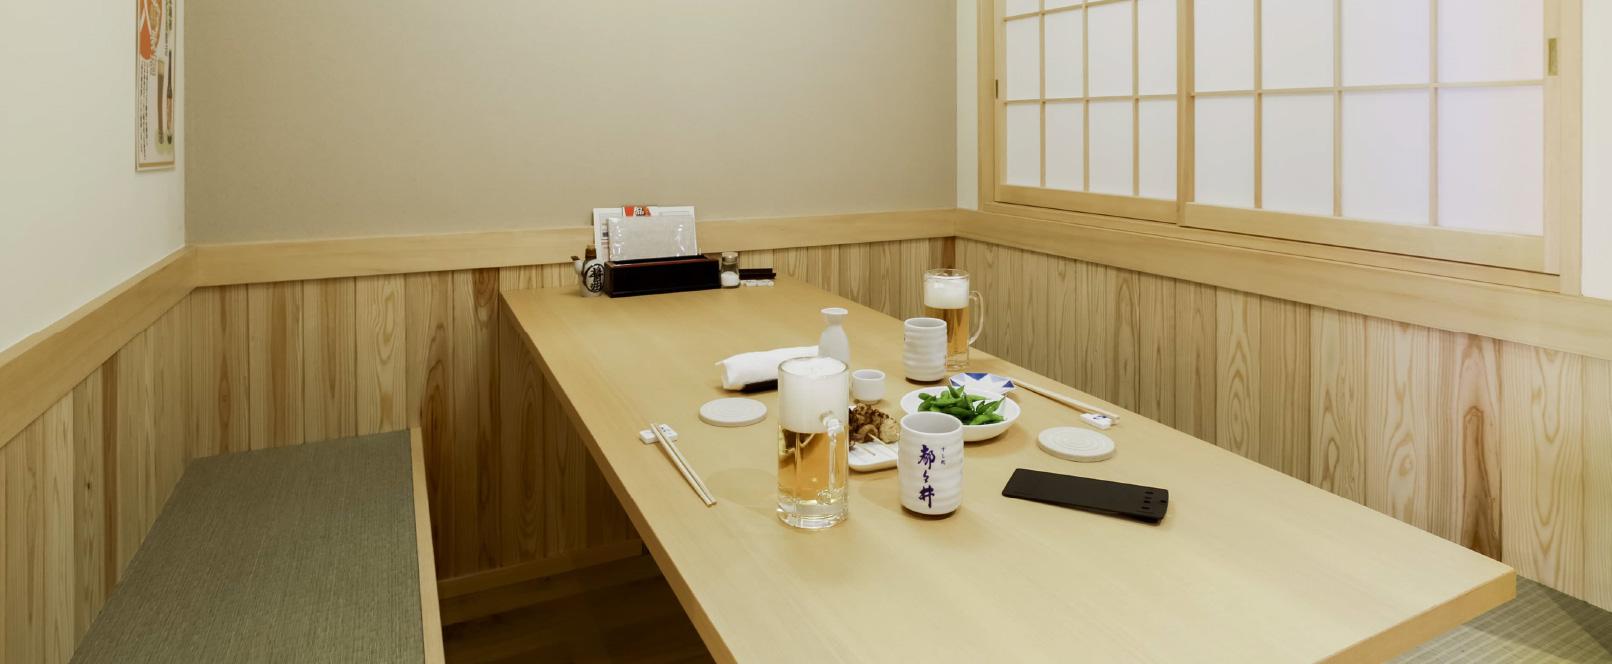 コワーキングスタジオ CONTENTZ(コンテンツ)| 居酒屋スペース